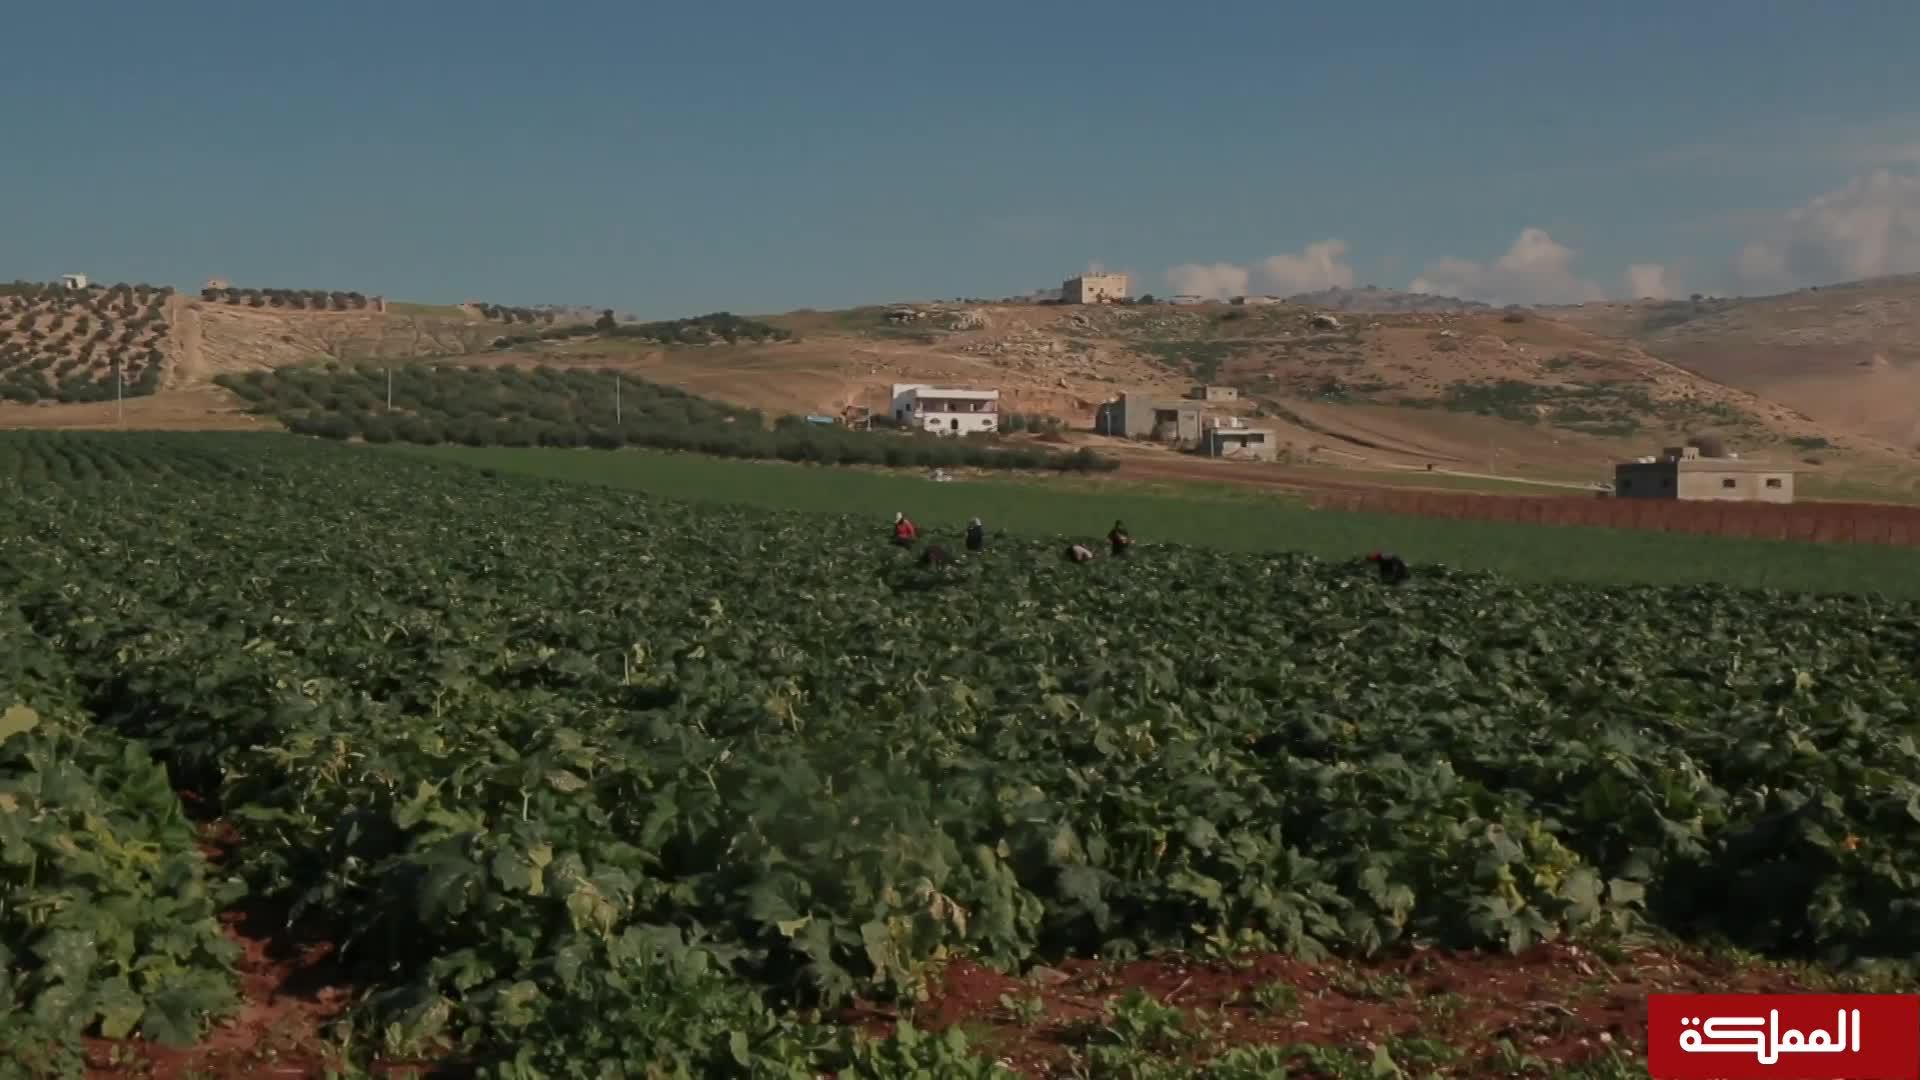 بوح القرى | قرية طبقة فحل